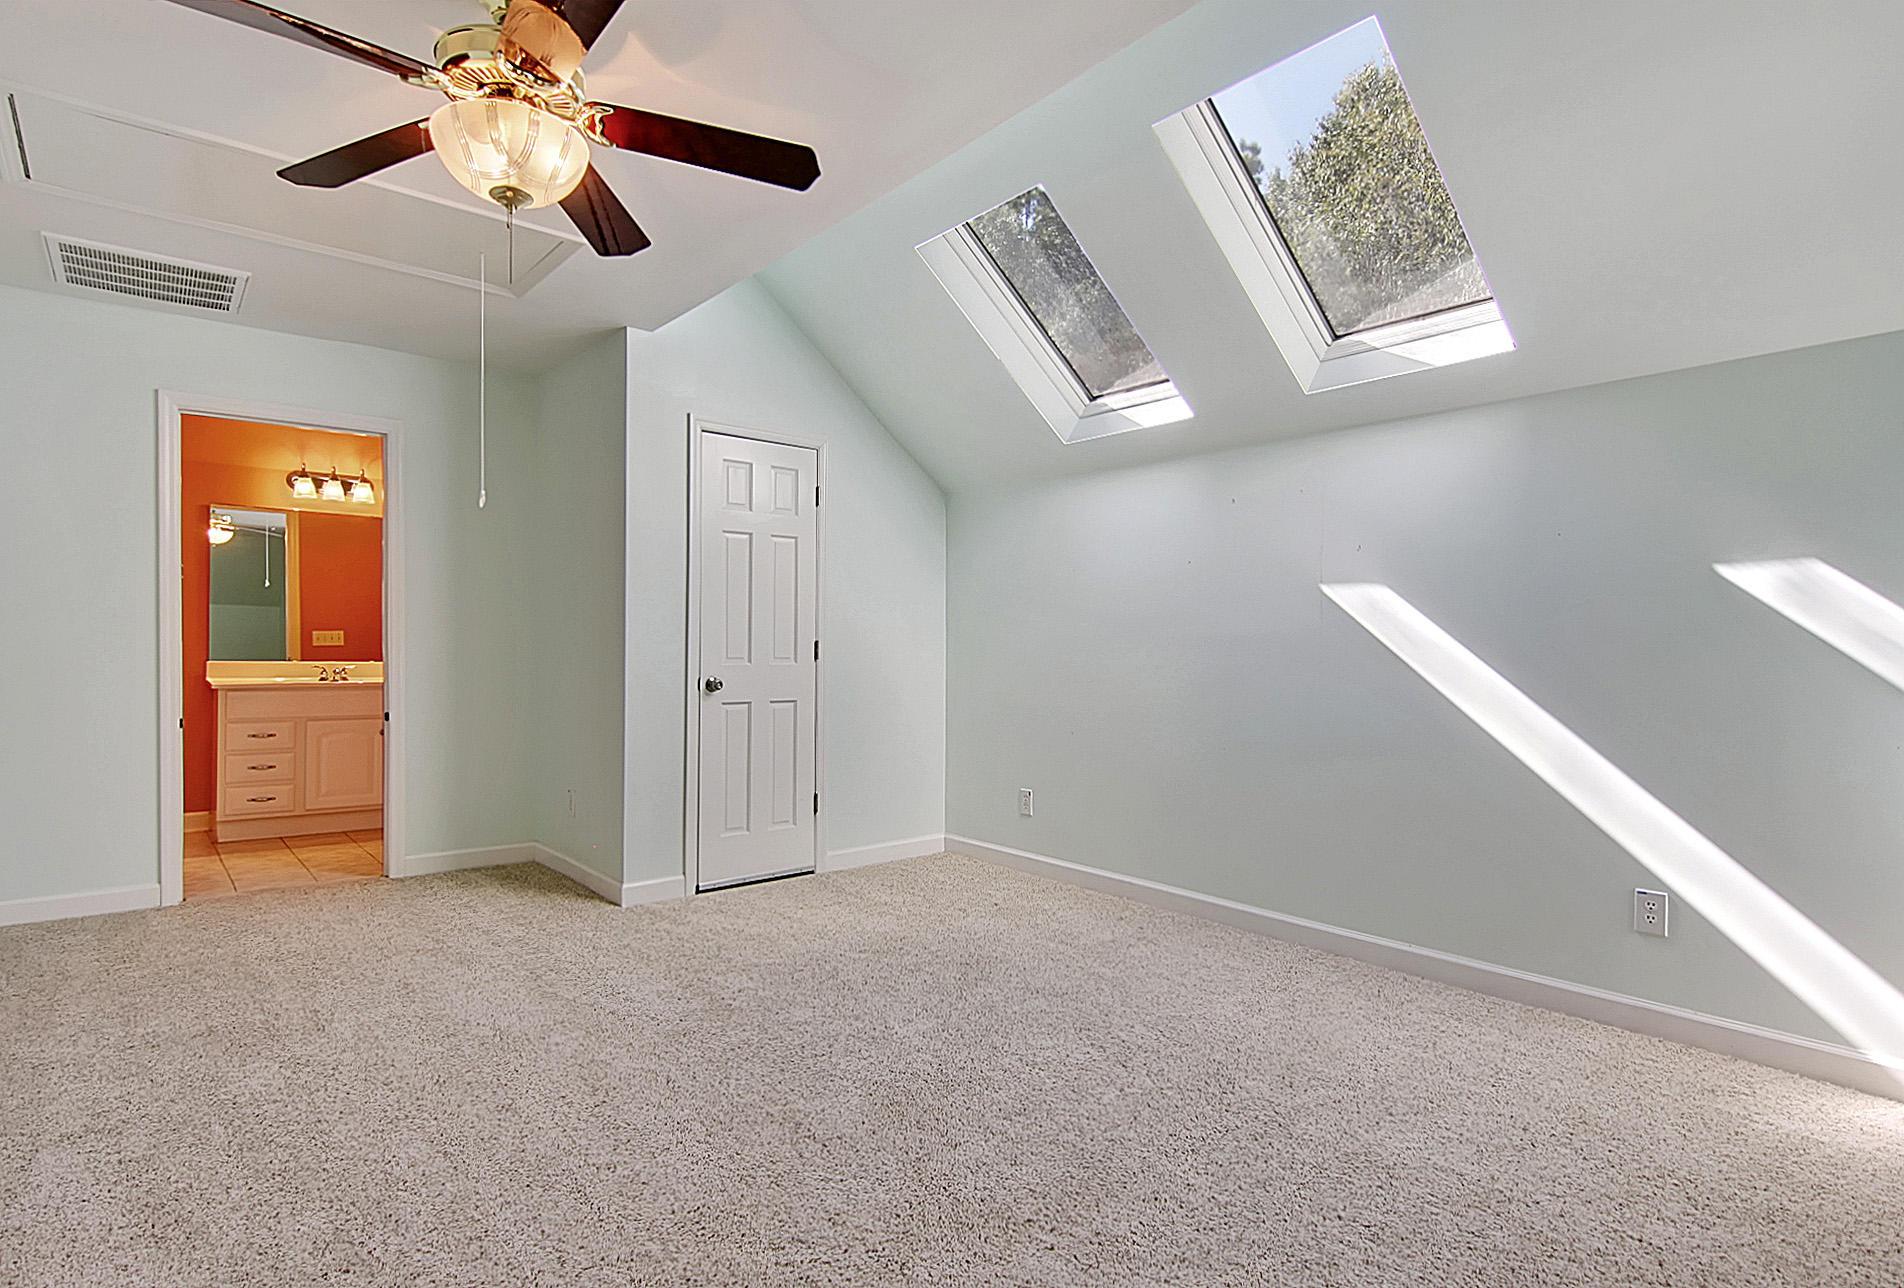 Dunes West Homes For Sale - 2236 Black Oak, Mount Pleasant, SC - 25